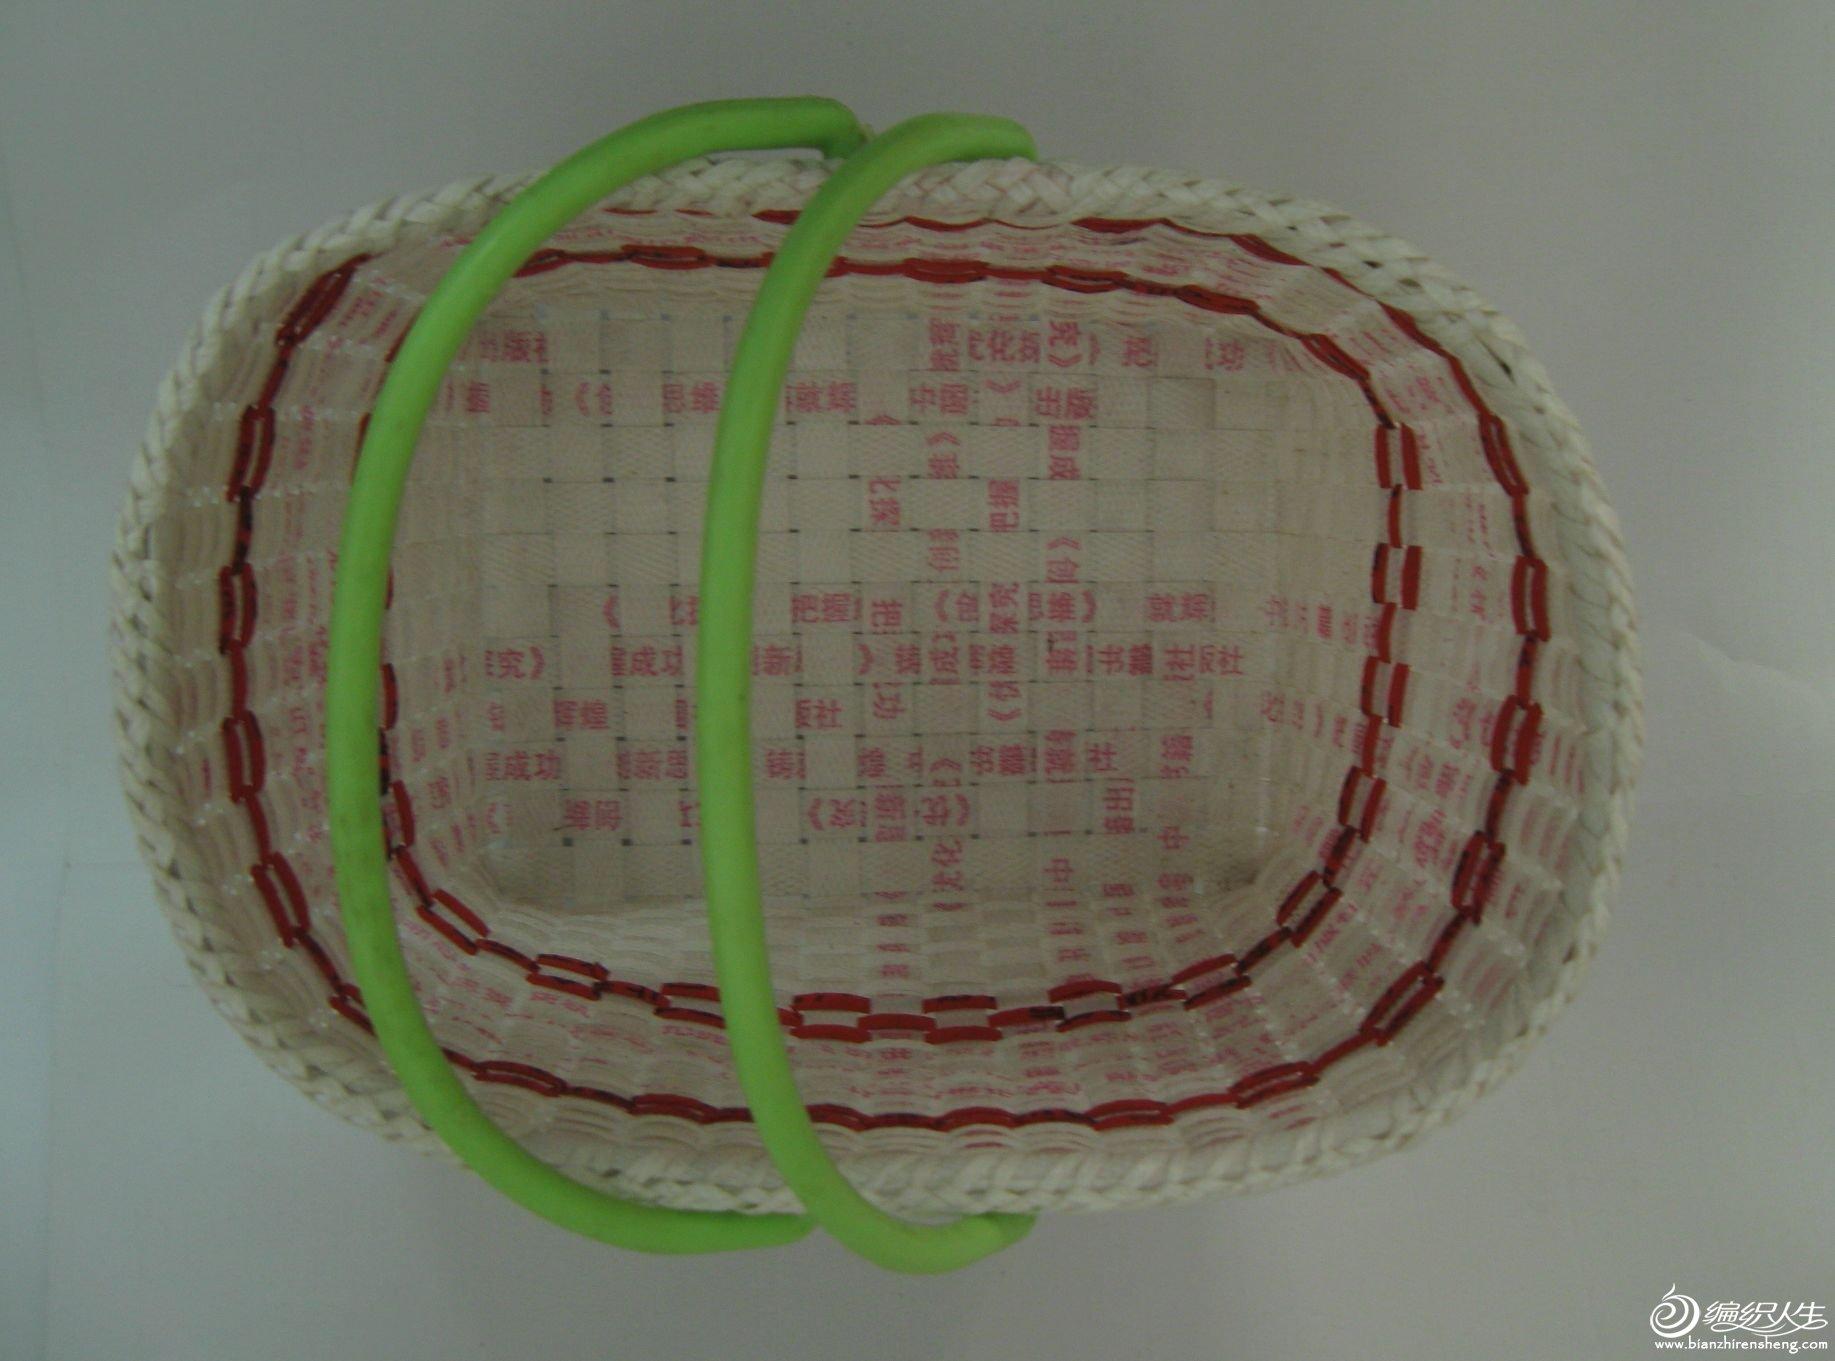 包装条编收纳筐_其它手工作品及教程_编织人生论坛